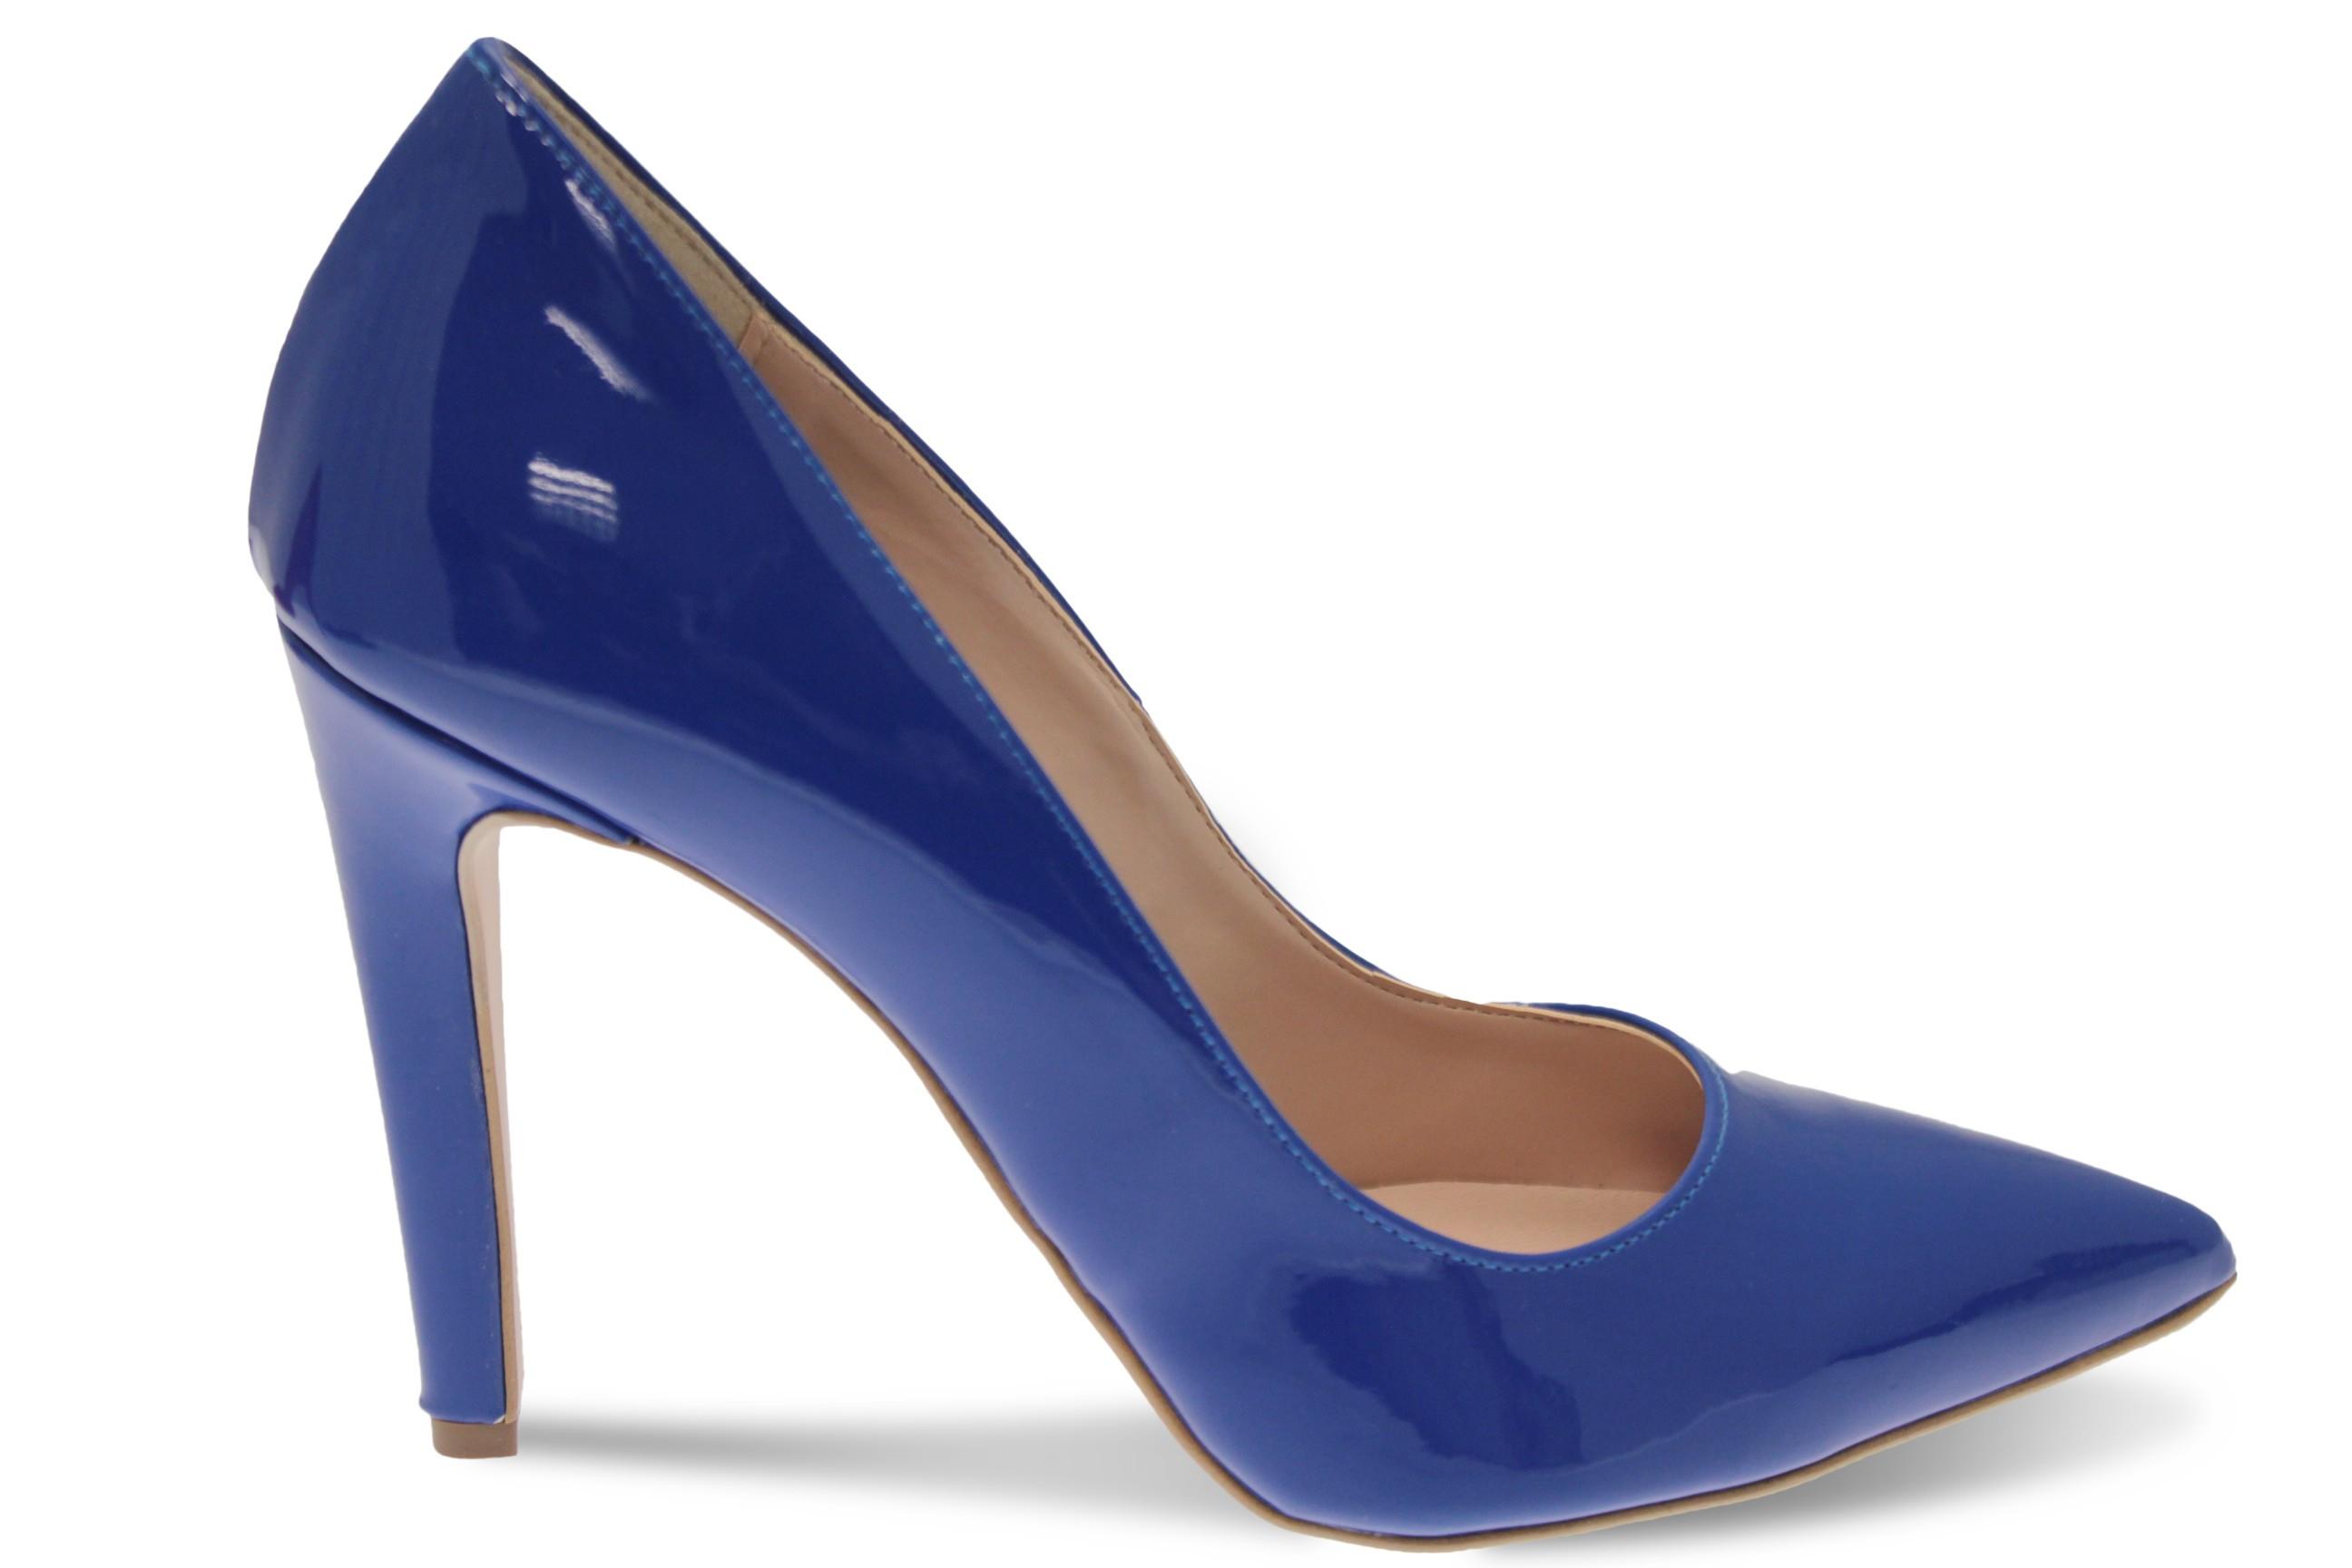 Escarpins Bleu Roi Vernis